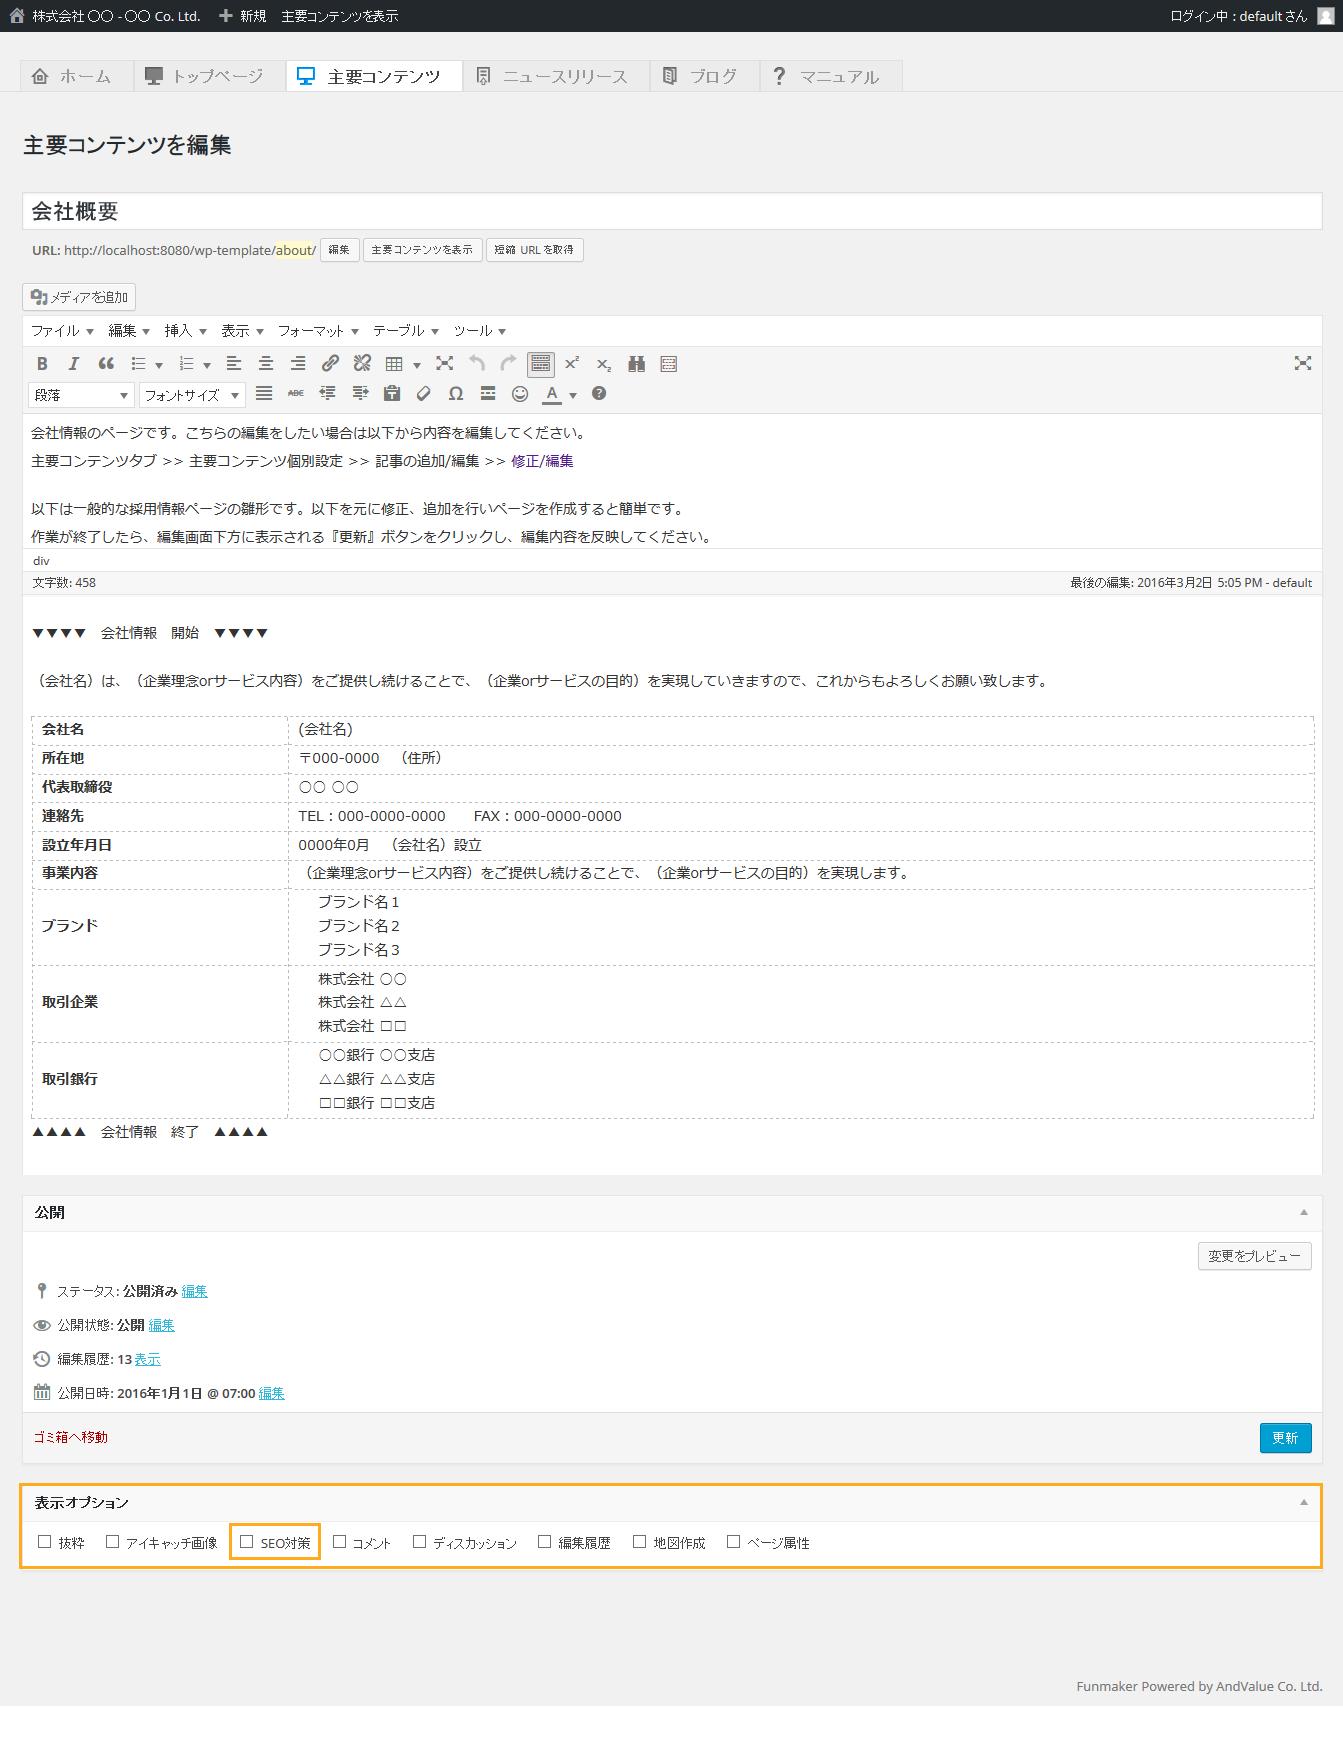 記事のSEO対策 管理画面 - 簡単格安ホームページ作成会社 -FunMaker